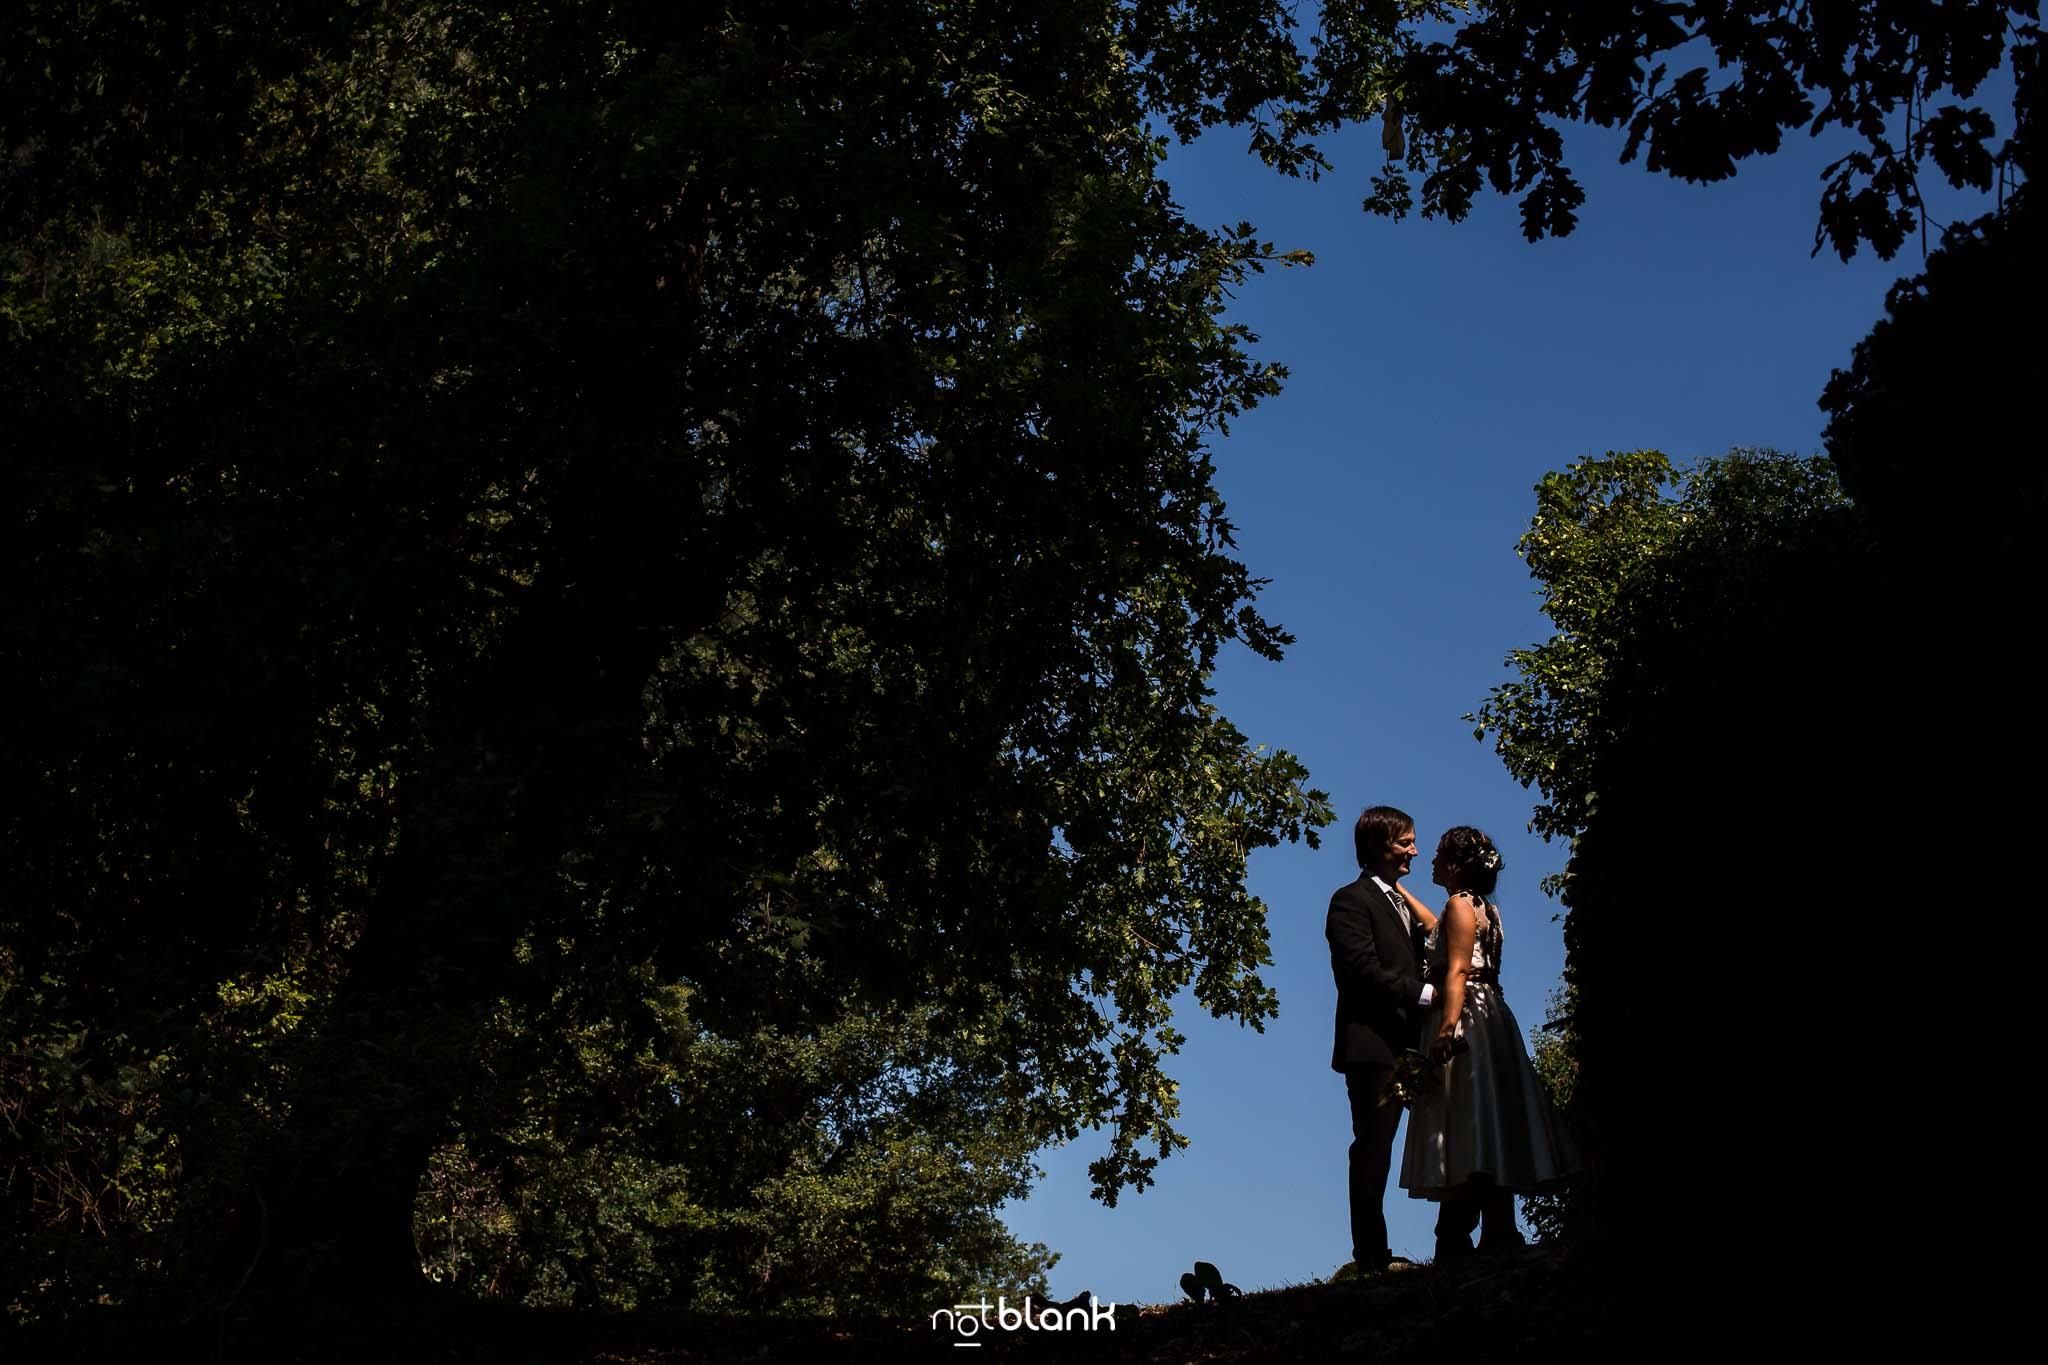 notblank-boda-Fotógrafo de boda-Mondariz-Balneario-Novio-Novia-Pareja-Sesión fotográfica